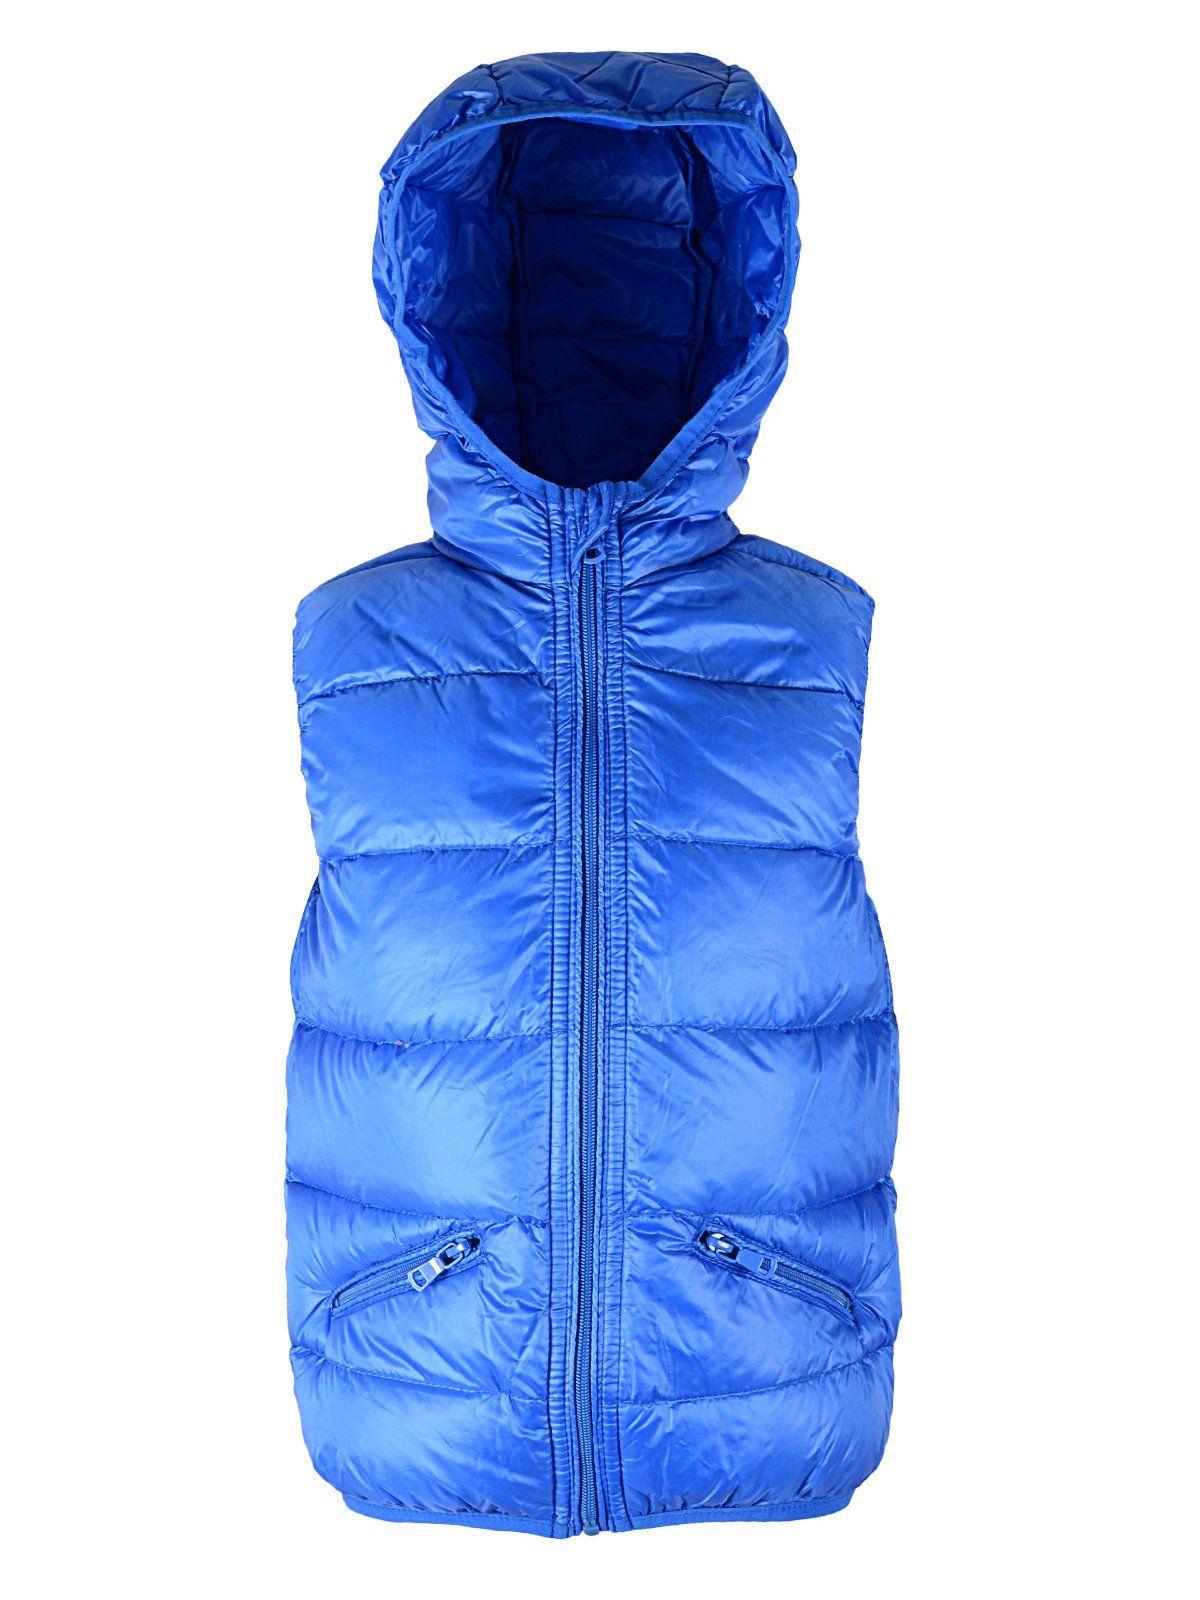 627d4f744 Boys  Outdoor Coat Packable Windproof Down Vest Warm Puffer Jacket ...